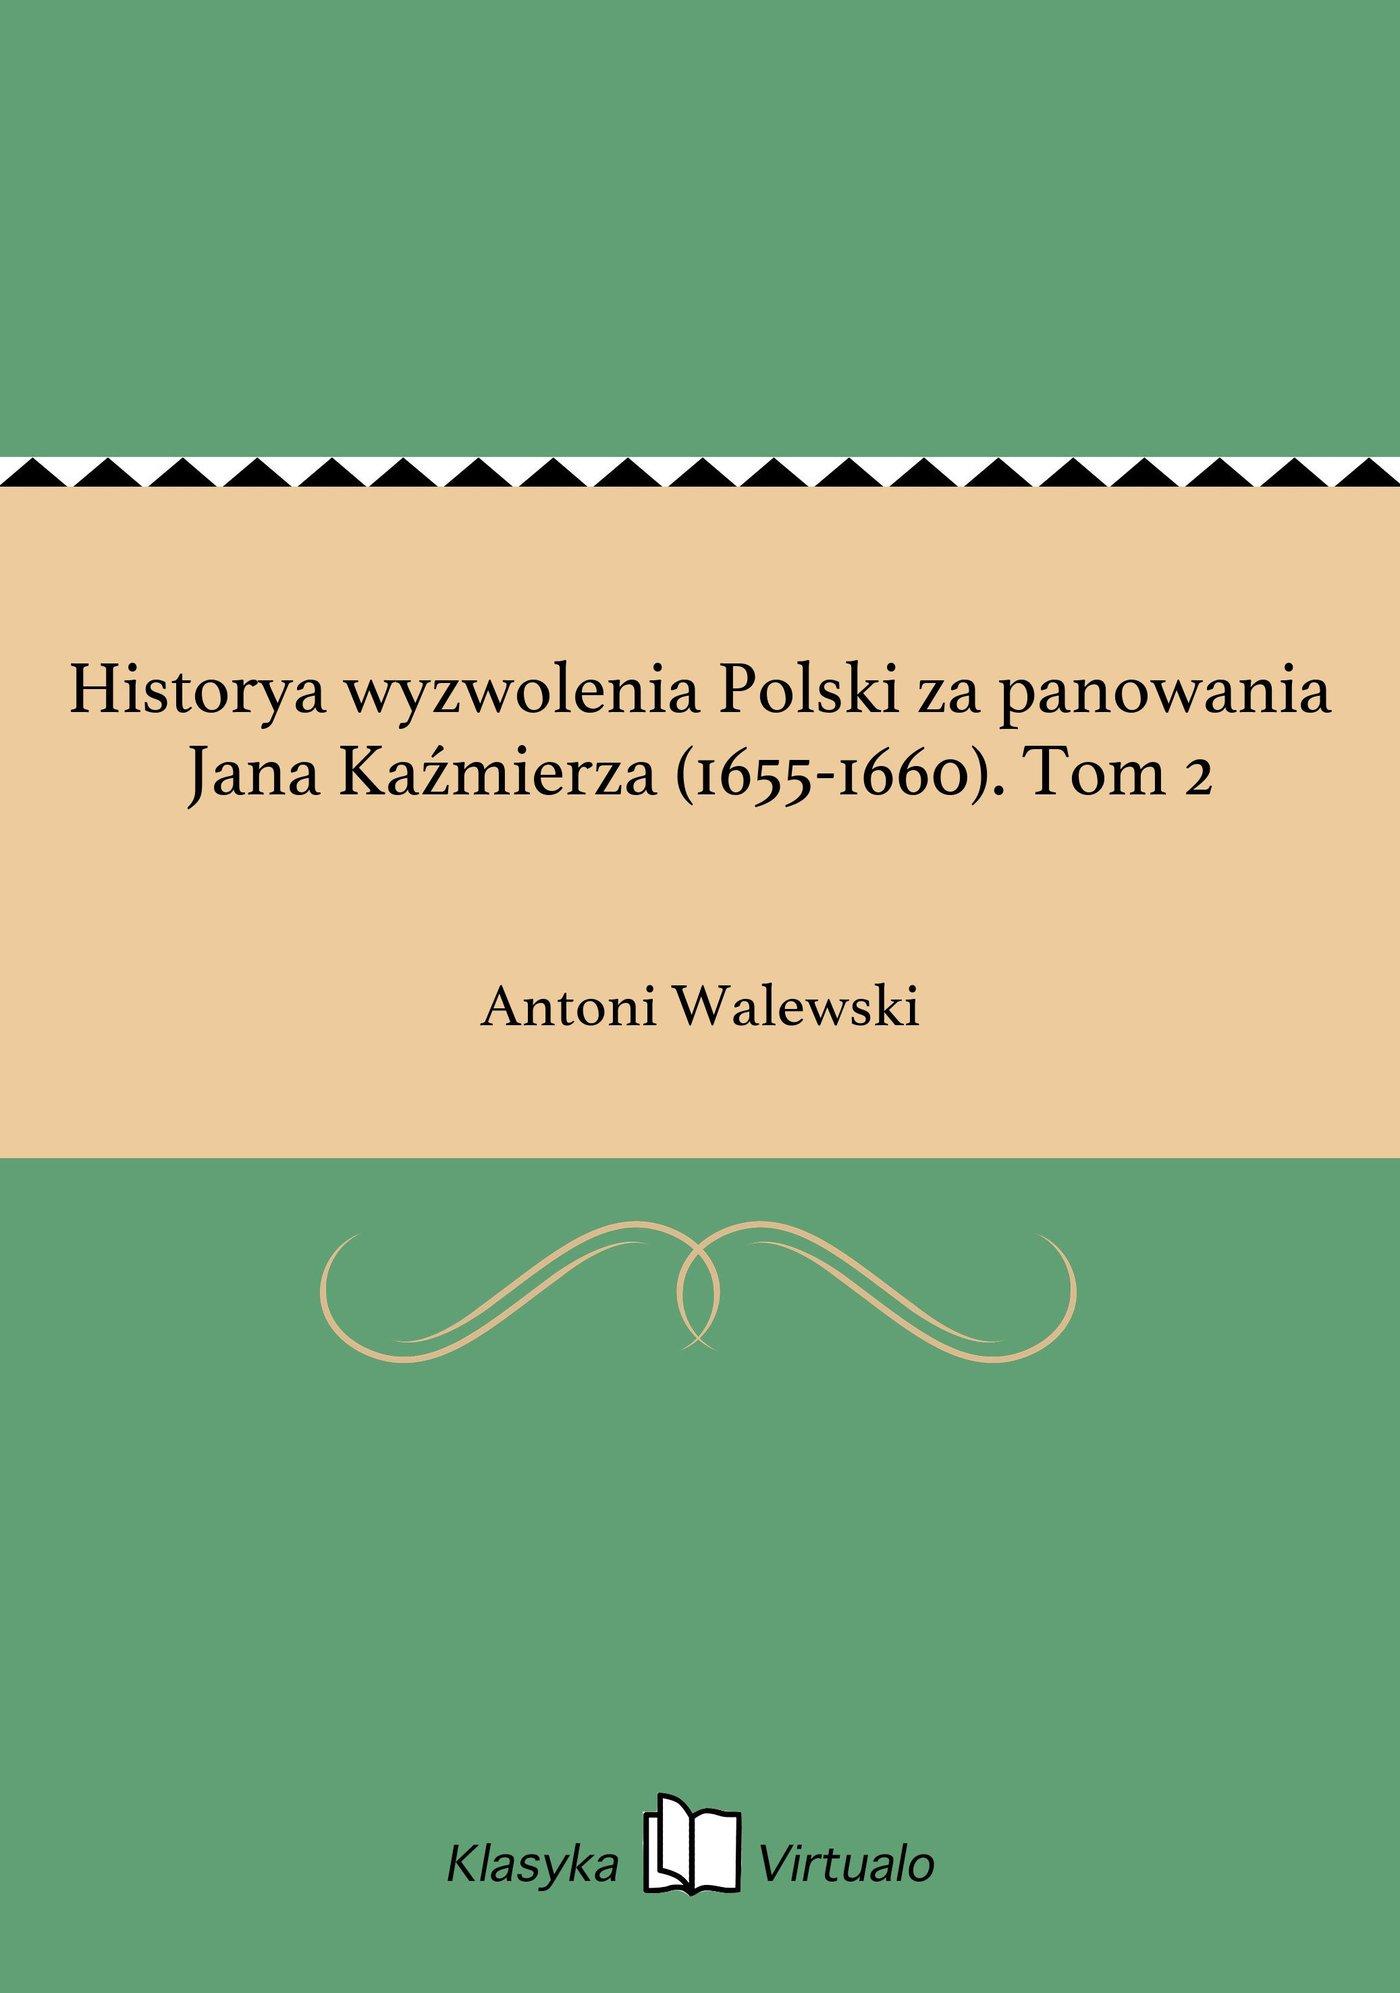 Historya wyzwolenia Polski za panowania Jana Kaźmierza (1655-1660). Tom 2 - Ebook (Książka na Kindle) do pobrania w formacie MOBI